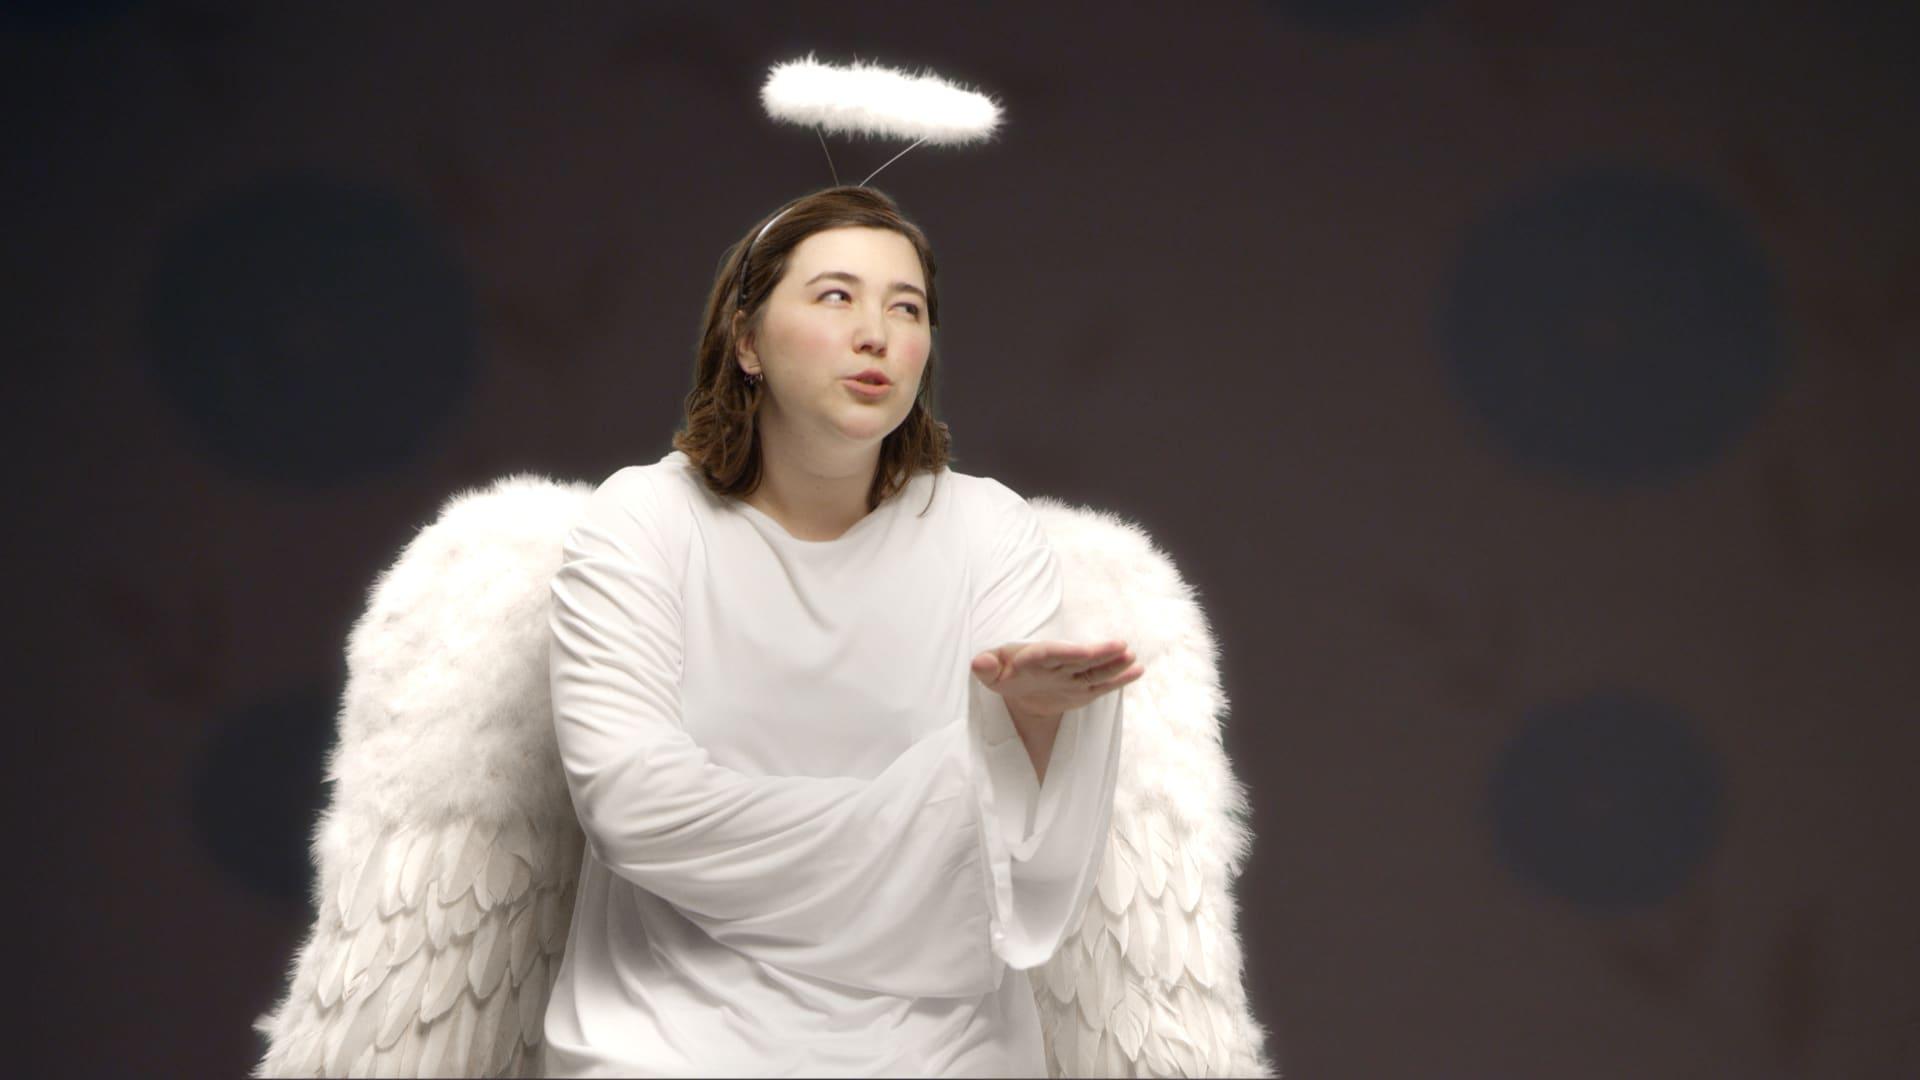 Innere Stimmen als Engel spricht